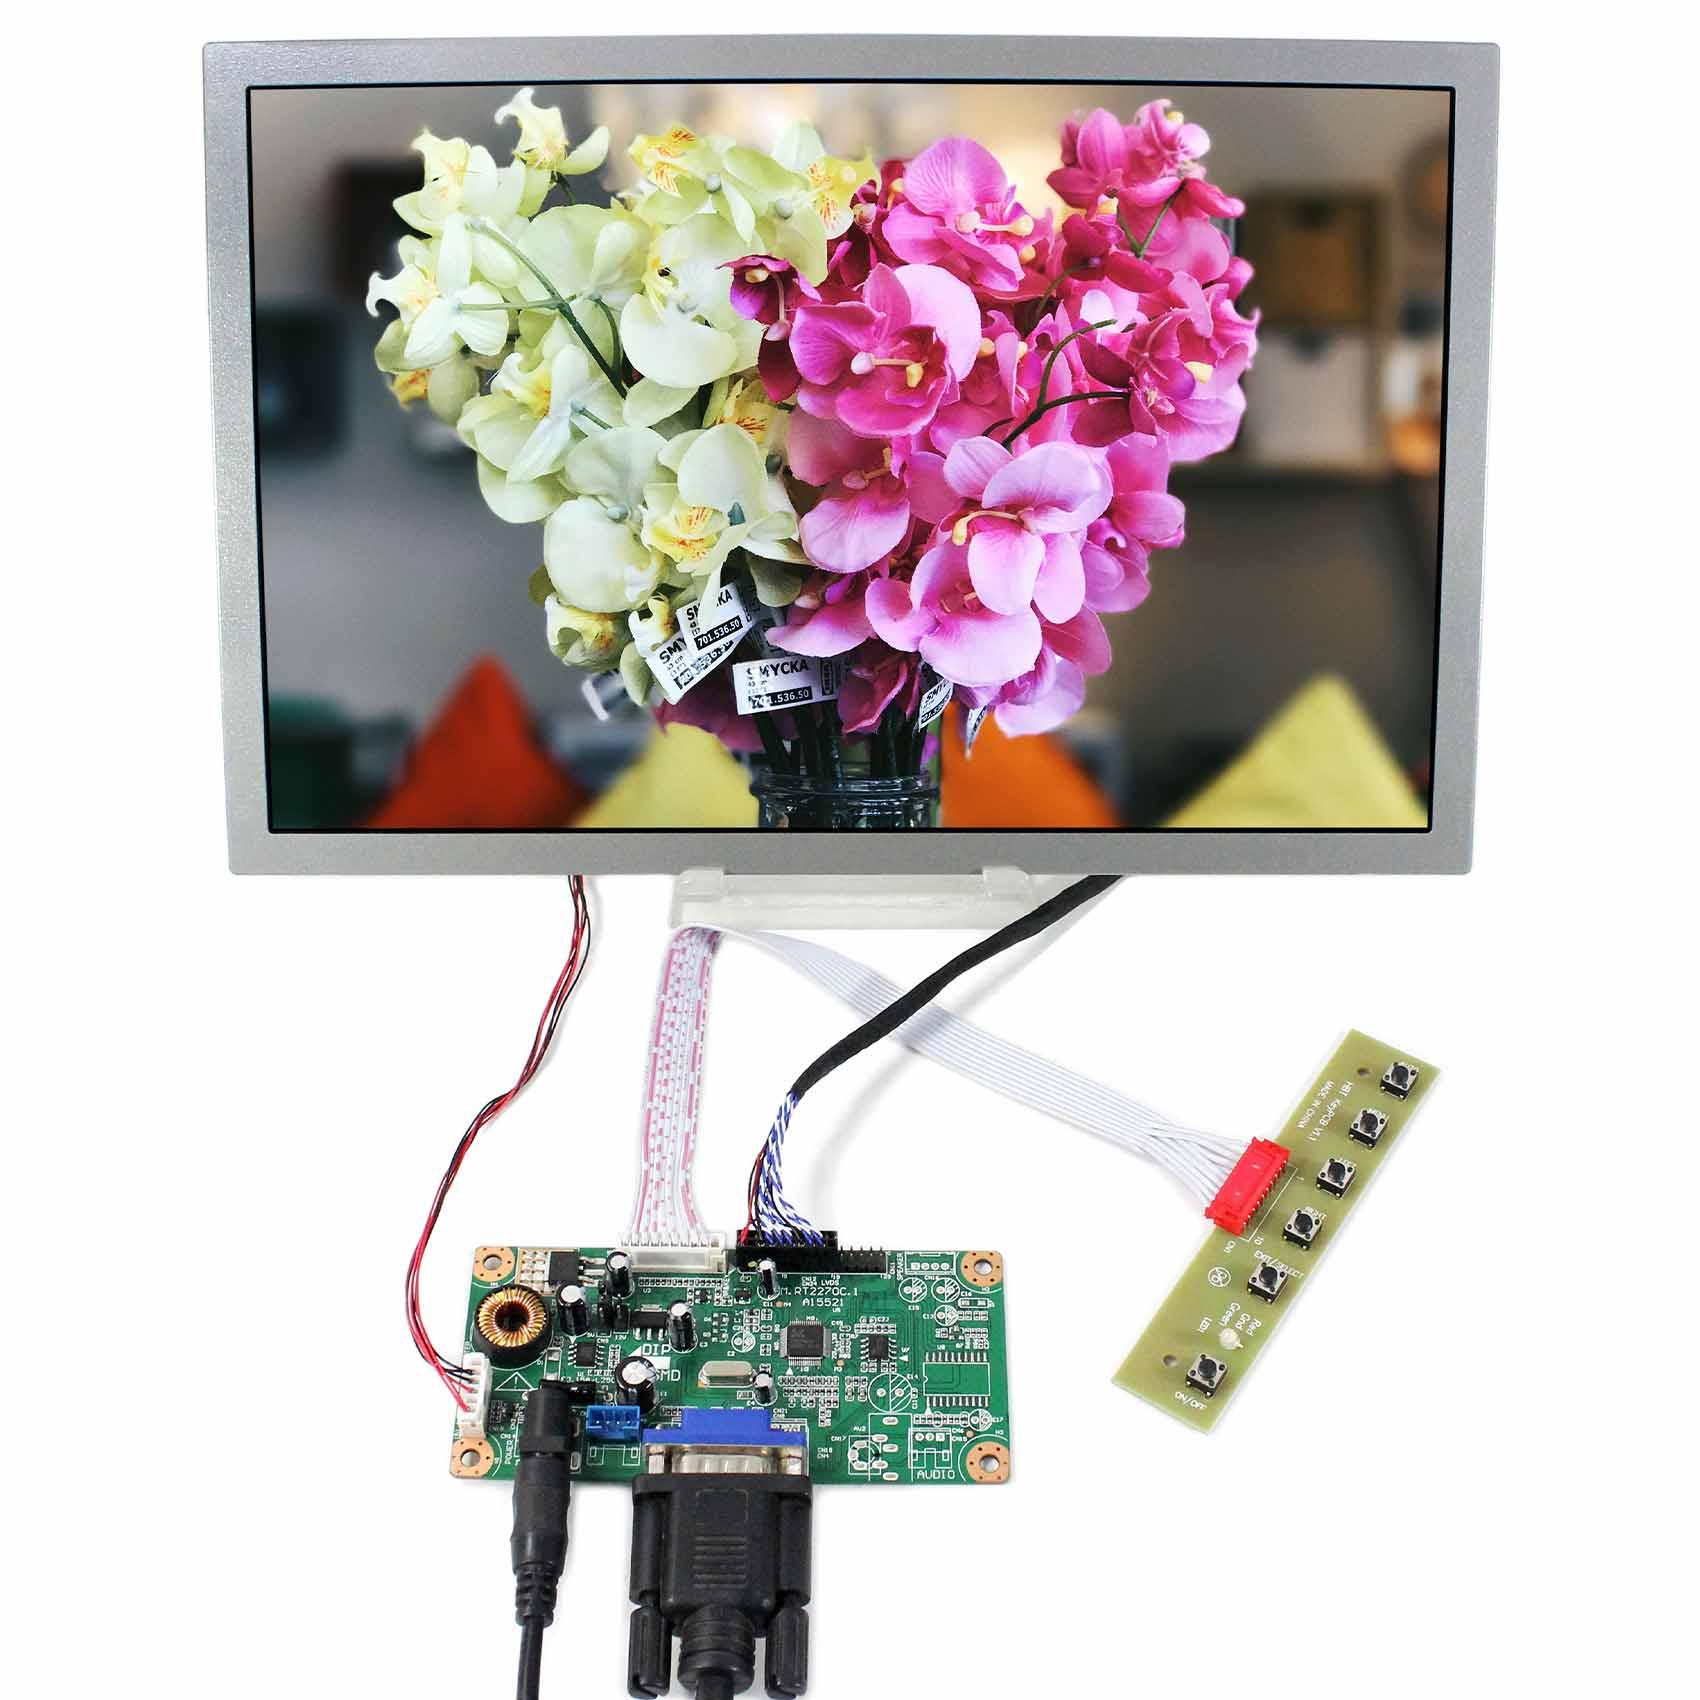 VGA LCD Controller Board 12.1inch 1280x800 AA121TD02 LCD Screen vga lcd controller board 10 1b101ew05 1280x800 lcd screen